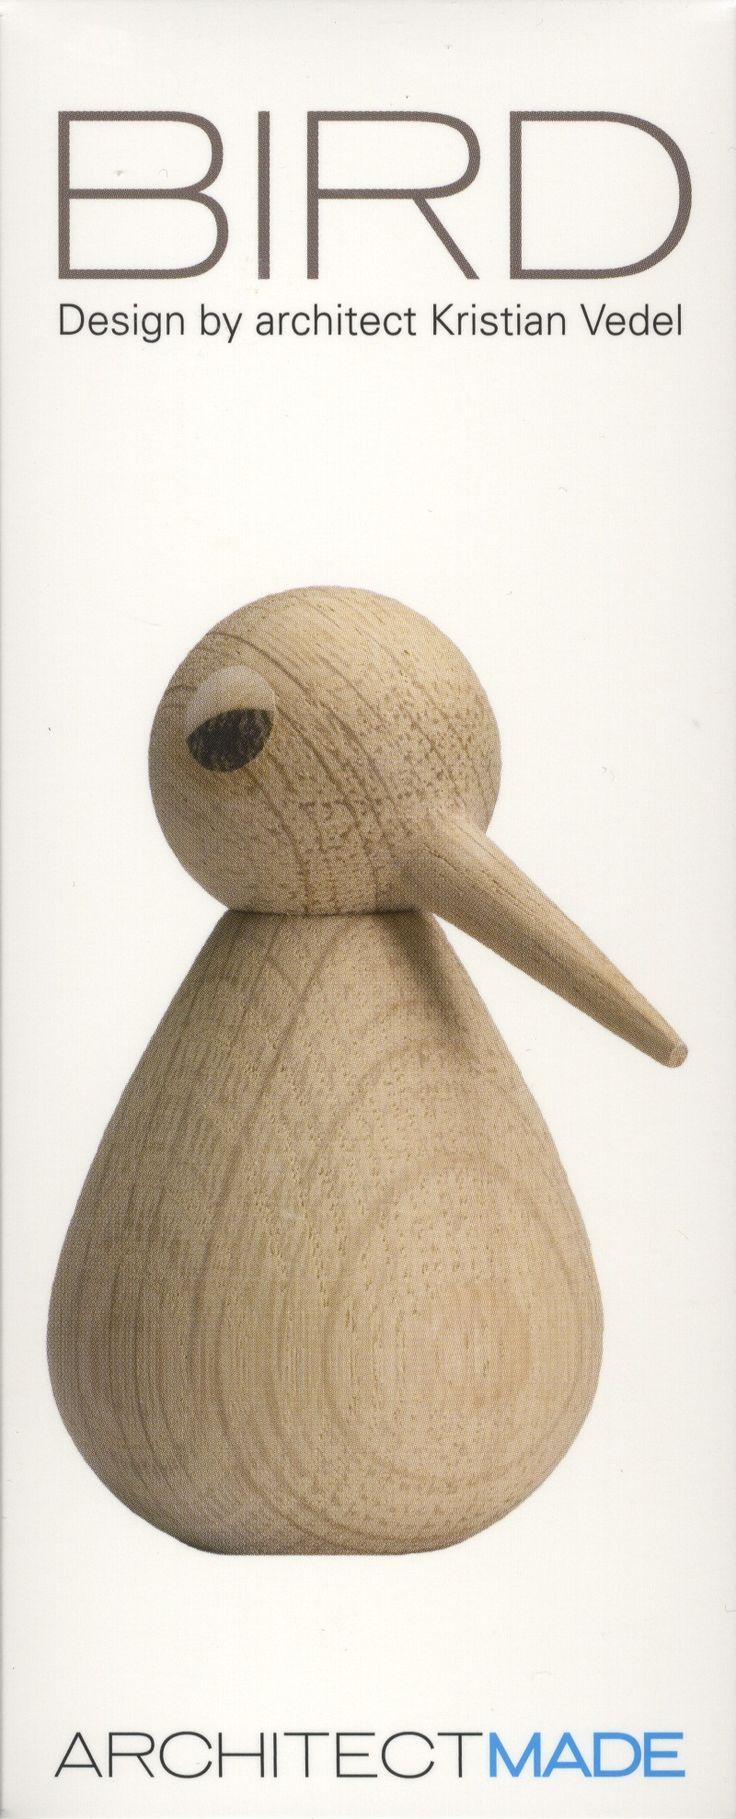 vogel design Kristian Vedel - uitgave architectmade - verpakking